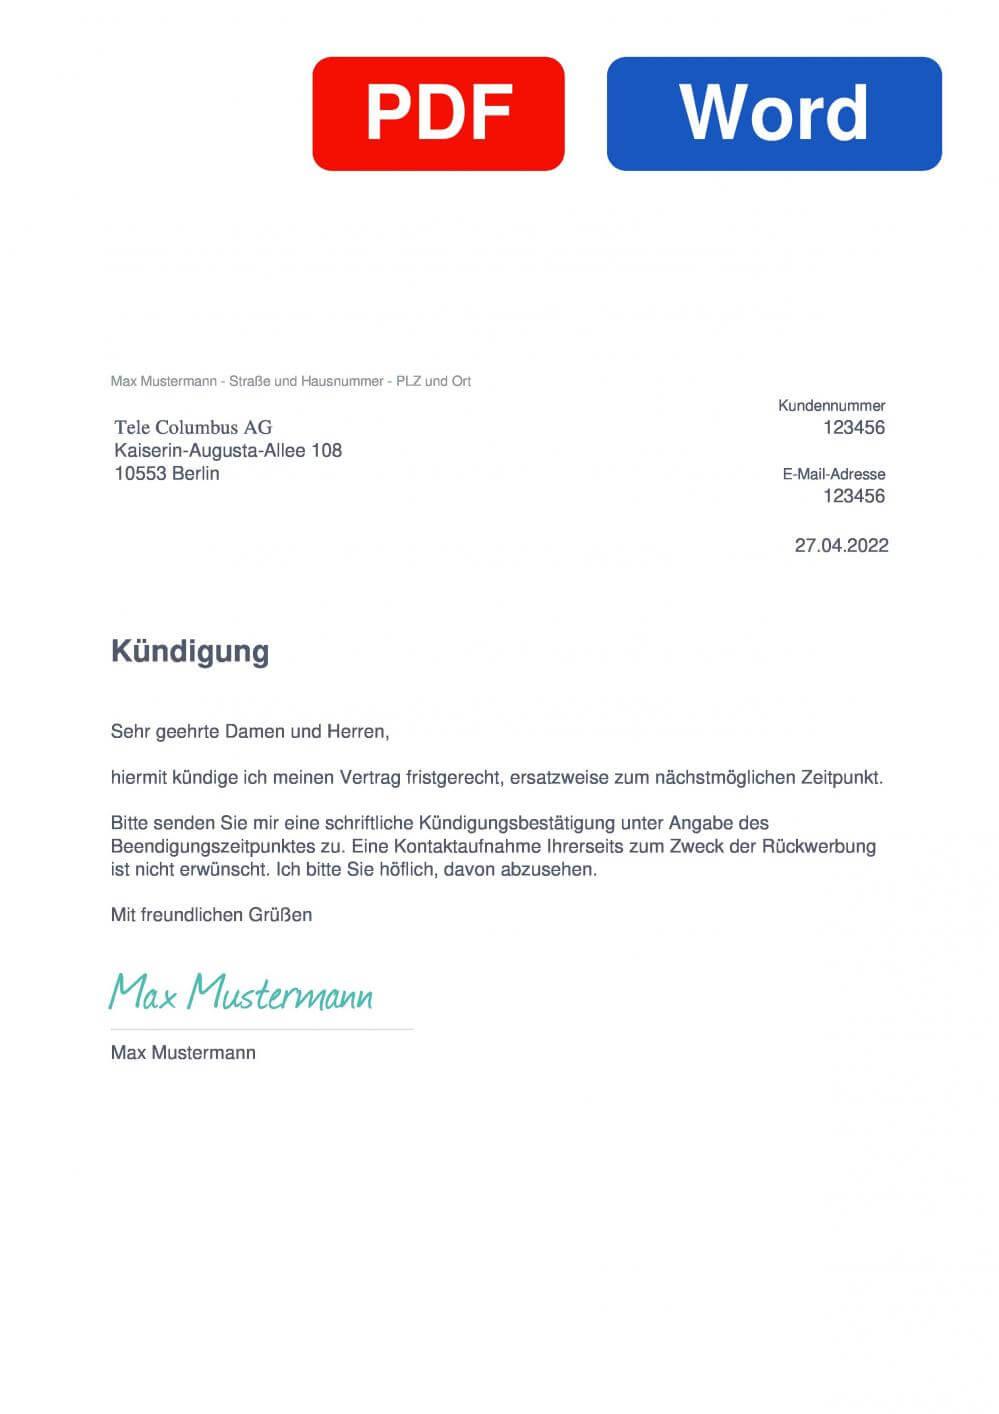 PYUR Muster Vorlage für Kündigungsschreiben